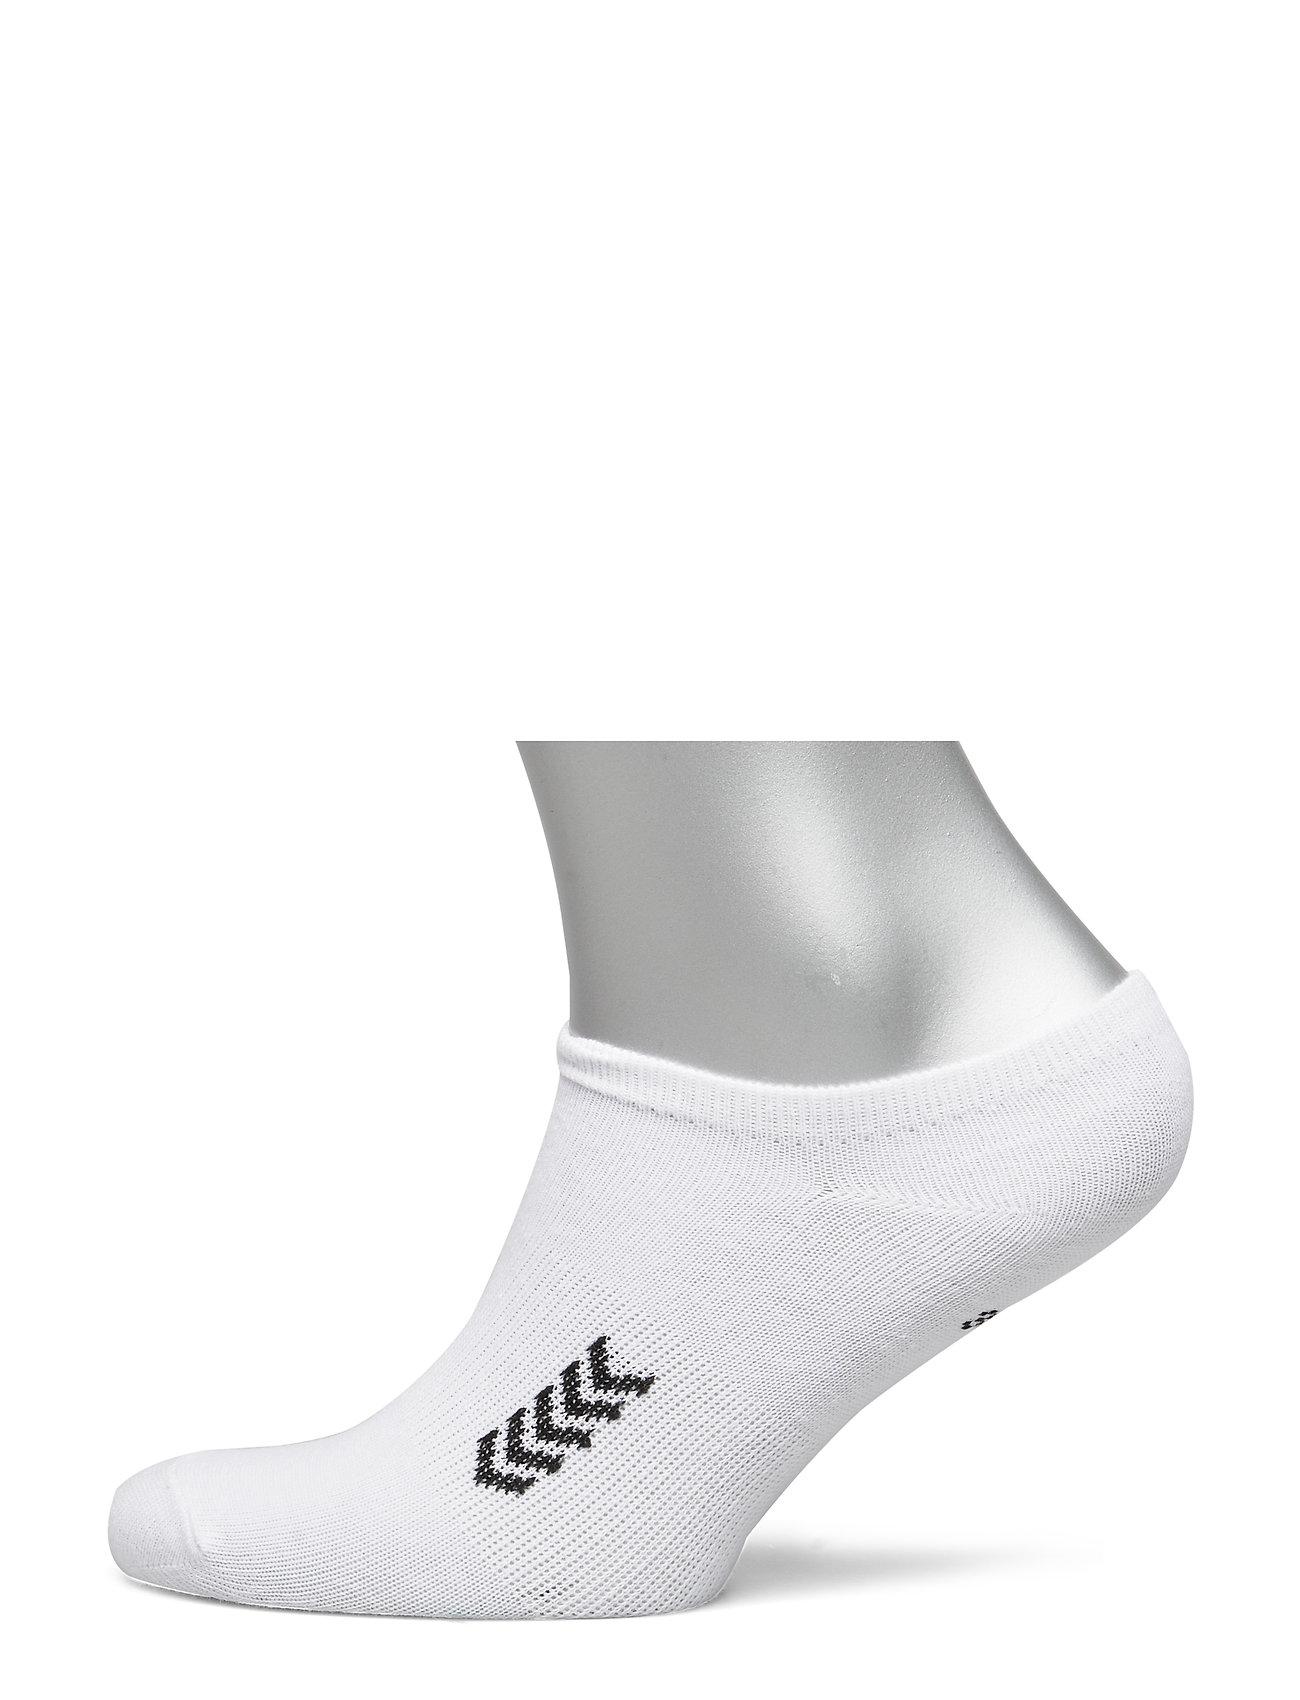 Hummel Ankle Sock Smu Ankelsokker Korte Strømper Hvit Hummel